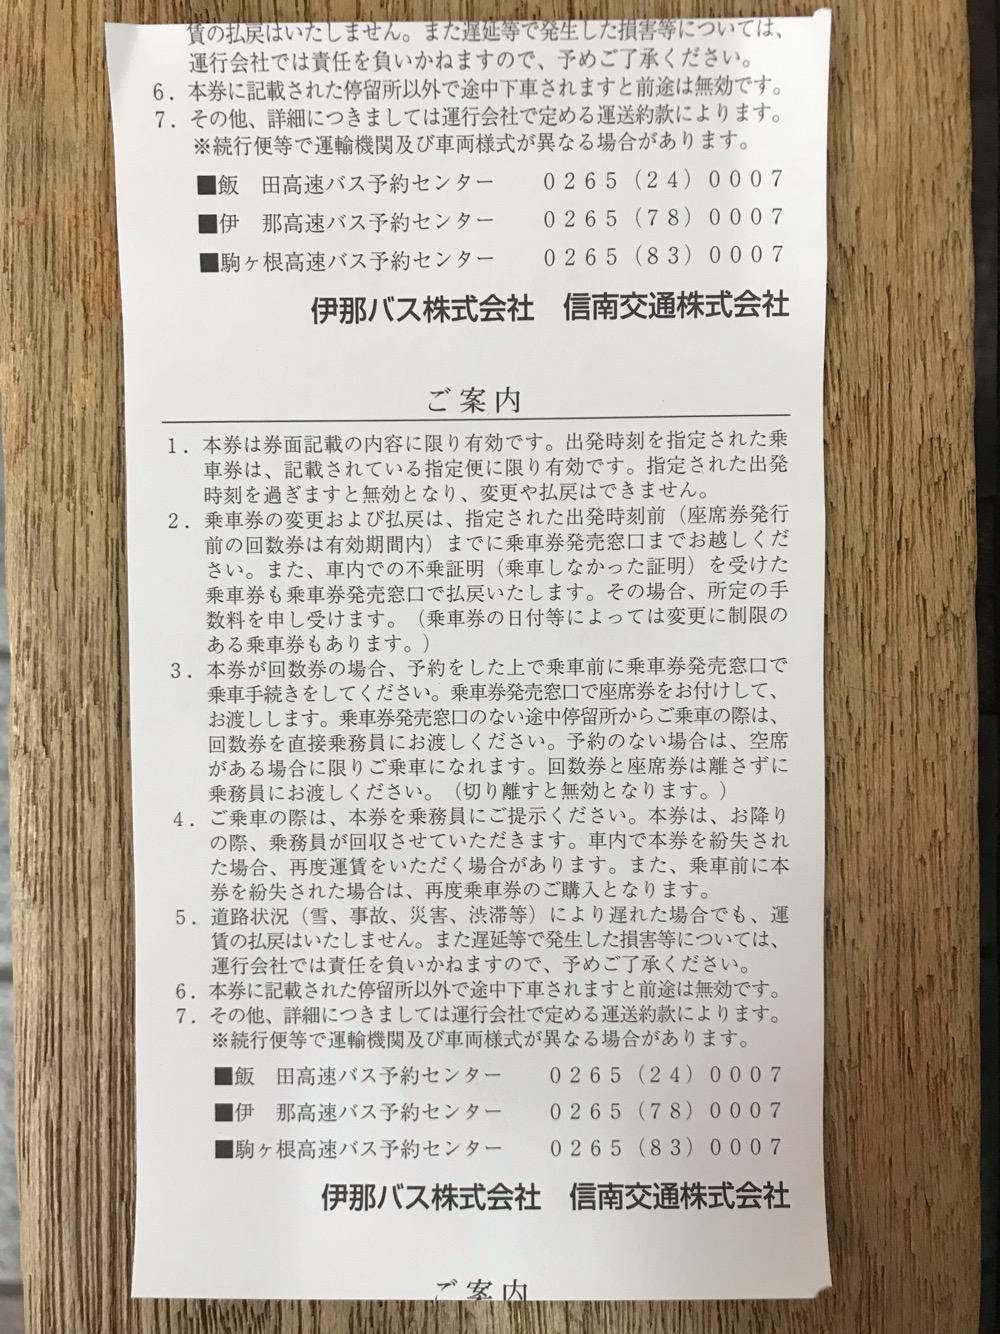 中央高速バス乗車券 新宿~伊那・飯田線(バスタ新宿(南口)行き)の領収書の裏側に記載されている「ご案内」